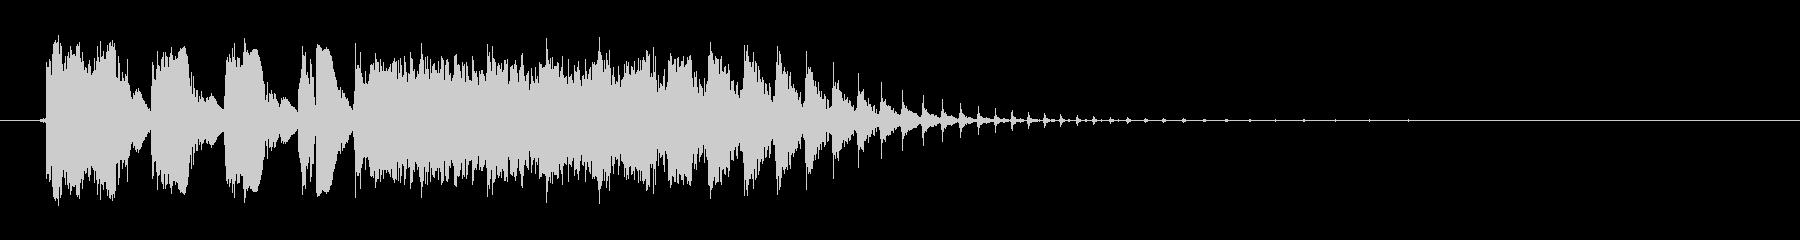 ポコシューン(アプリ向け)の未再生の波形